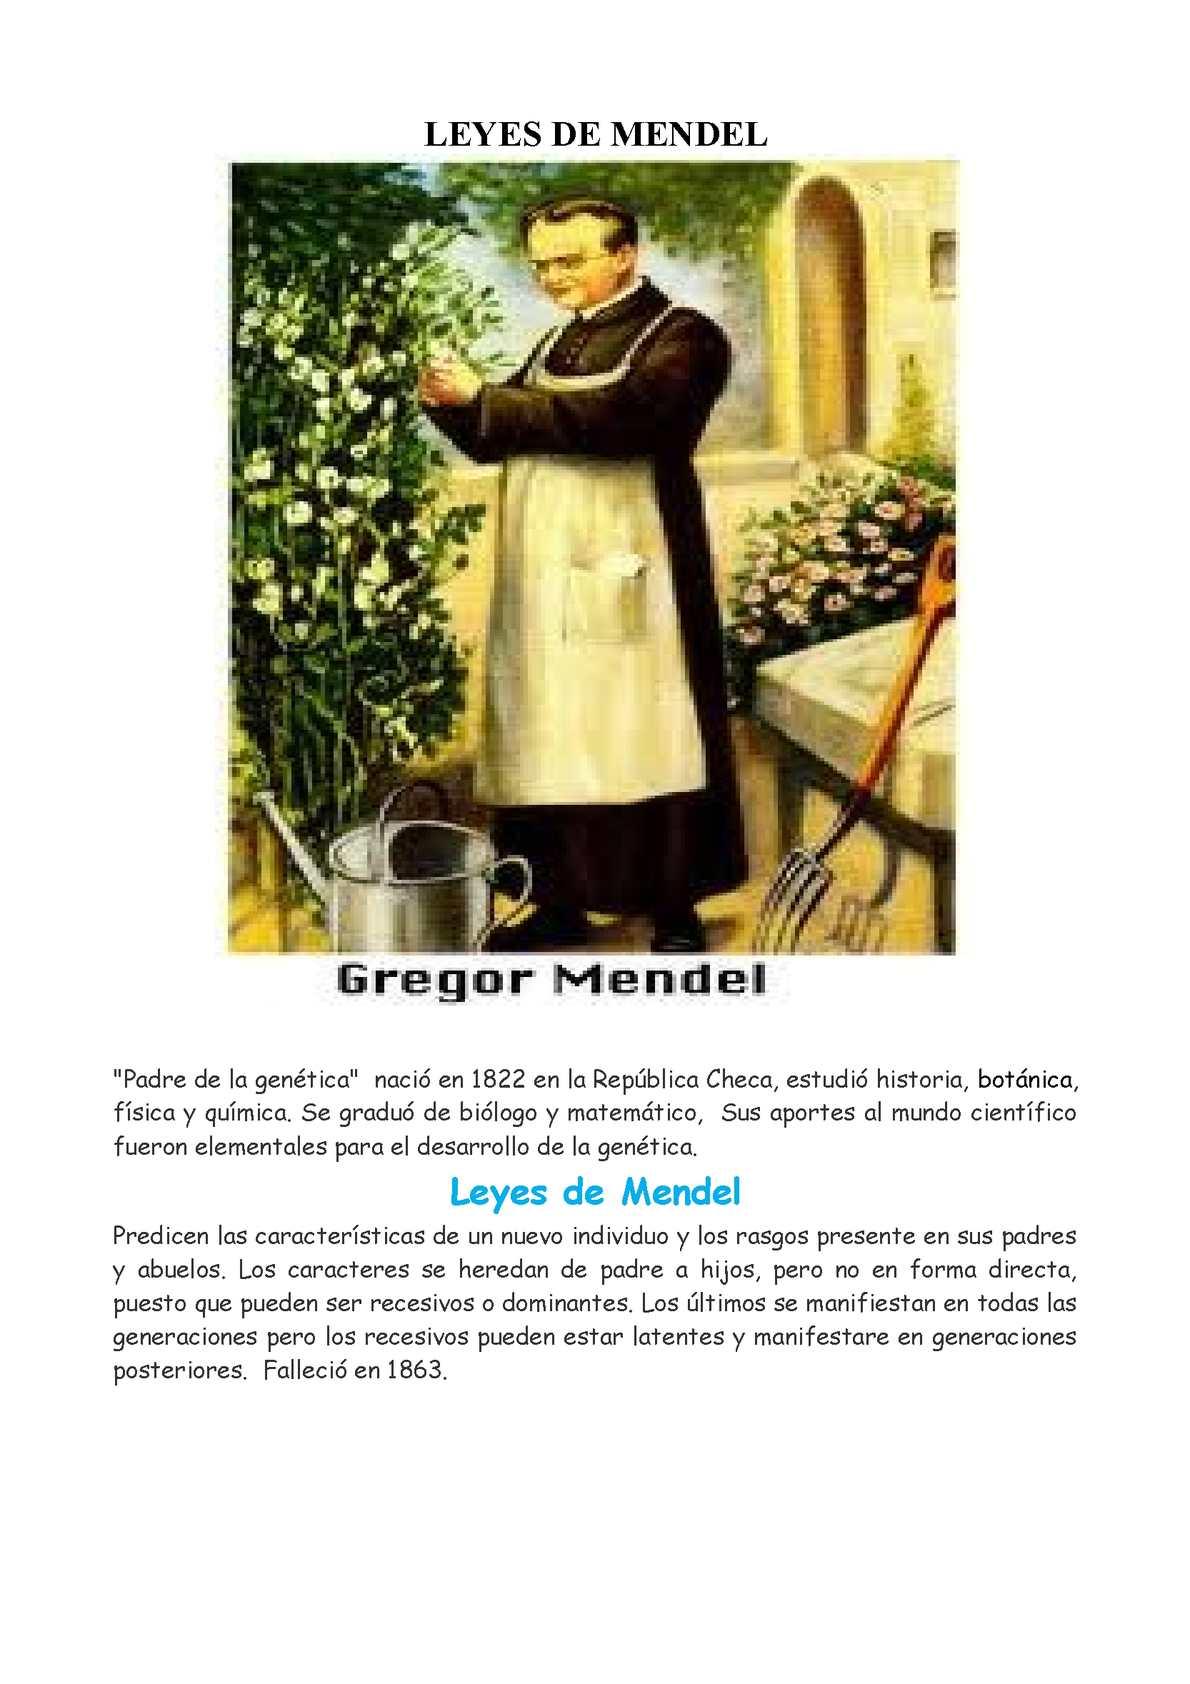 CARTILLA LEYES DE MENDEL